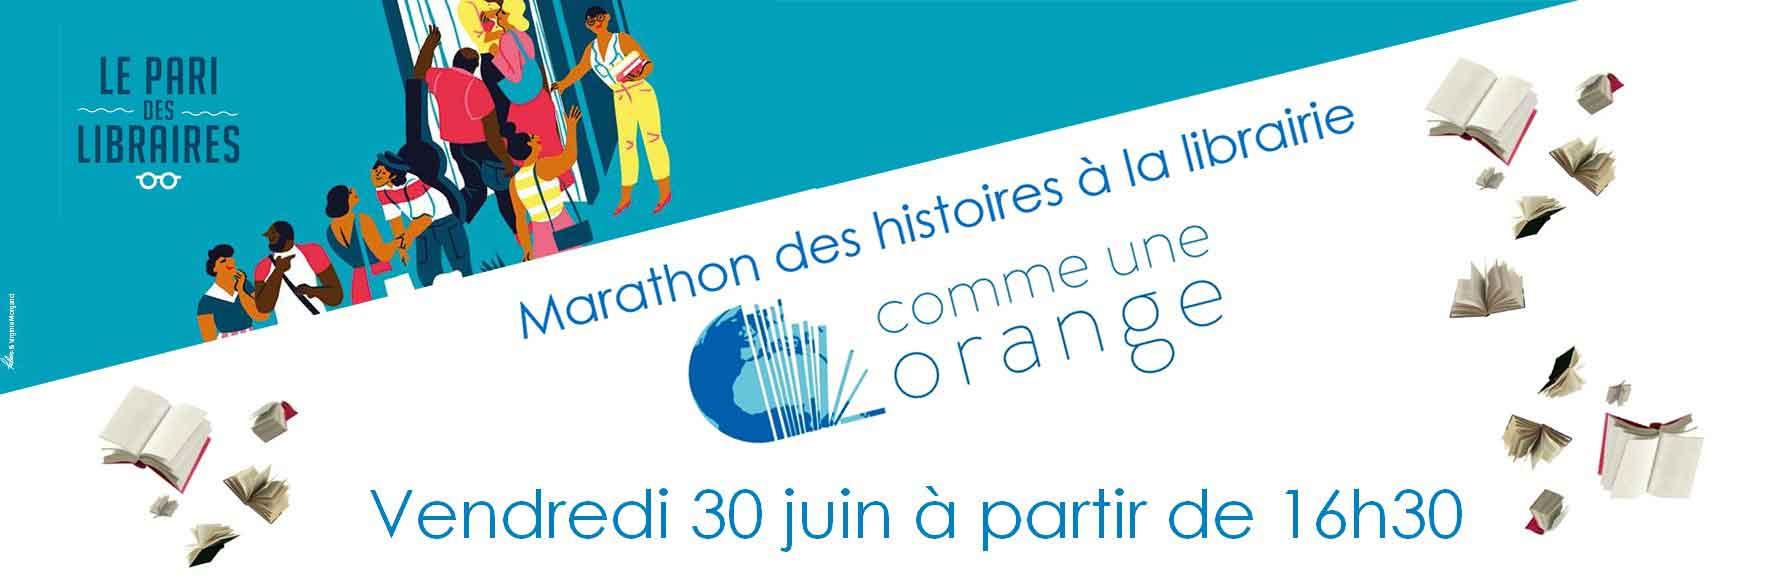 Participation au Pari des libraires - Marathon de lecture d'histoires